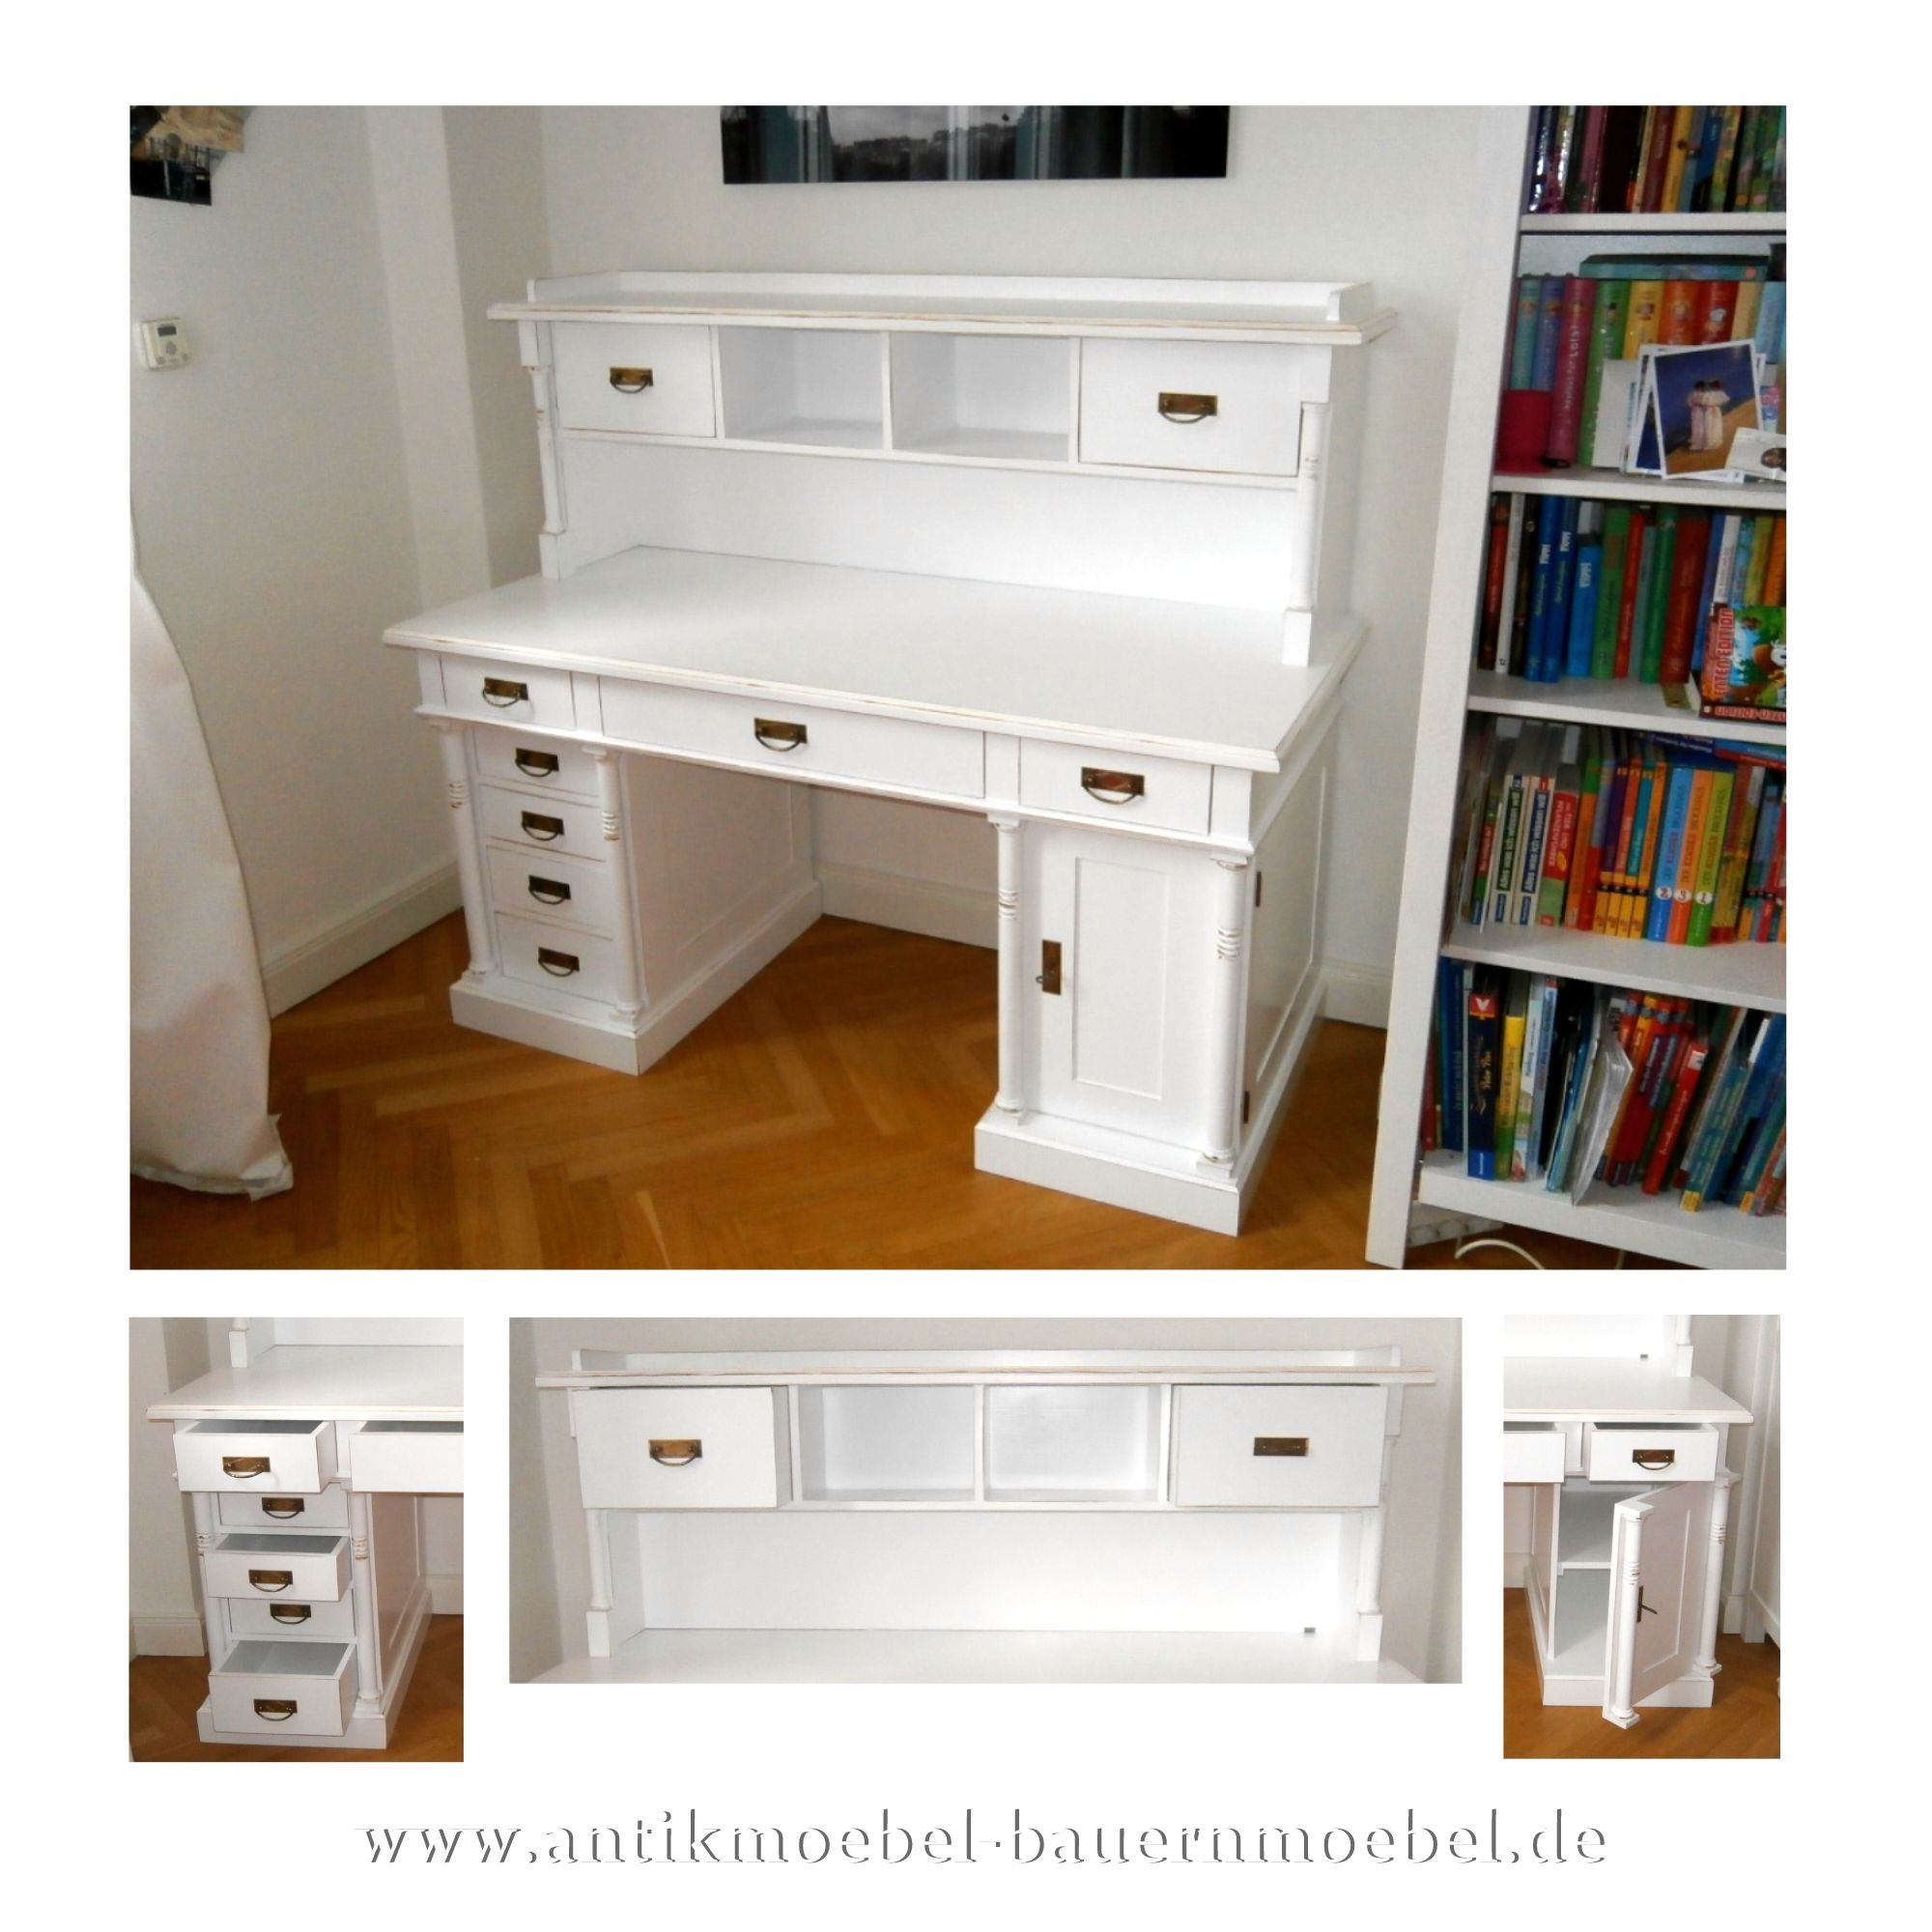 Sbt 50 Sta Schreibtisch Mit Aufsatz Landhausstil Weiss Shabby Chic